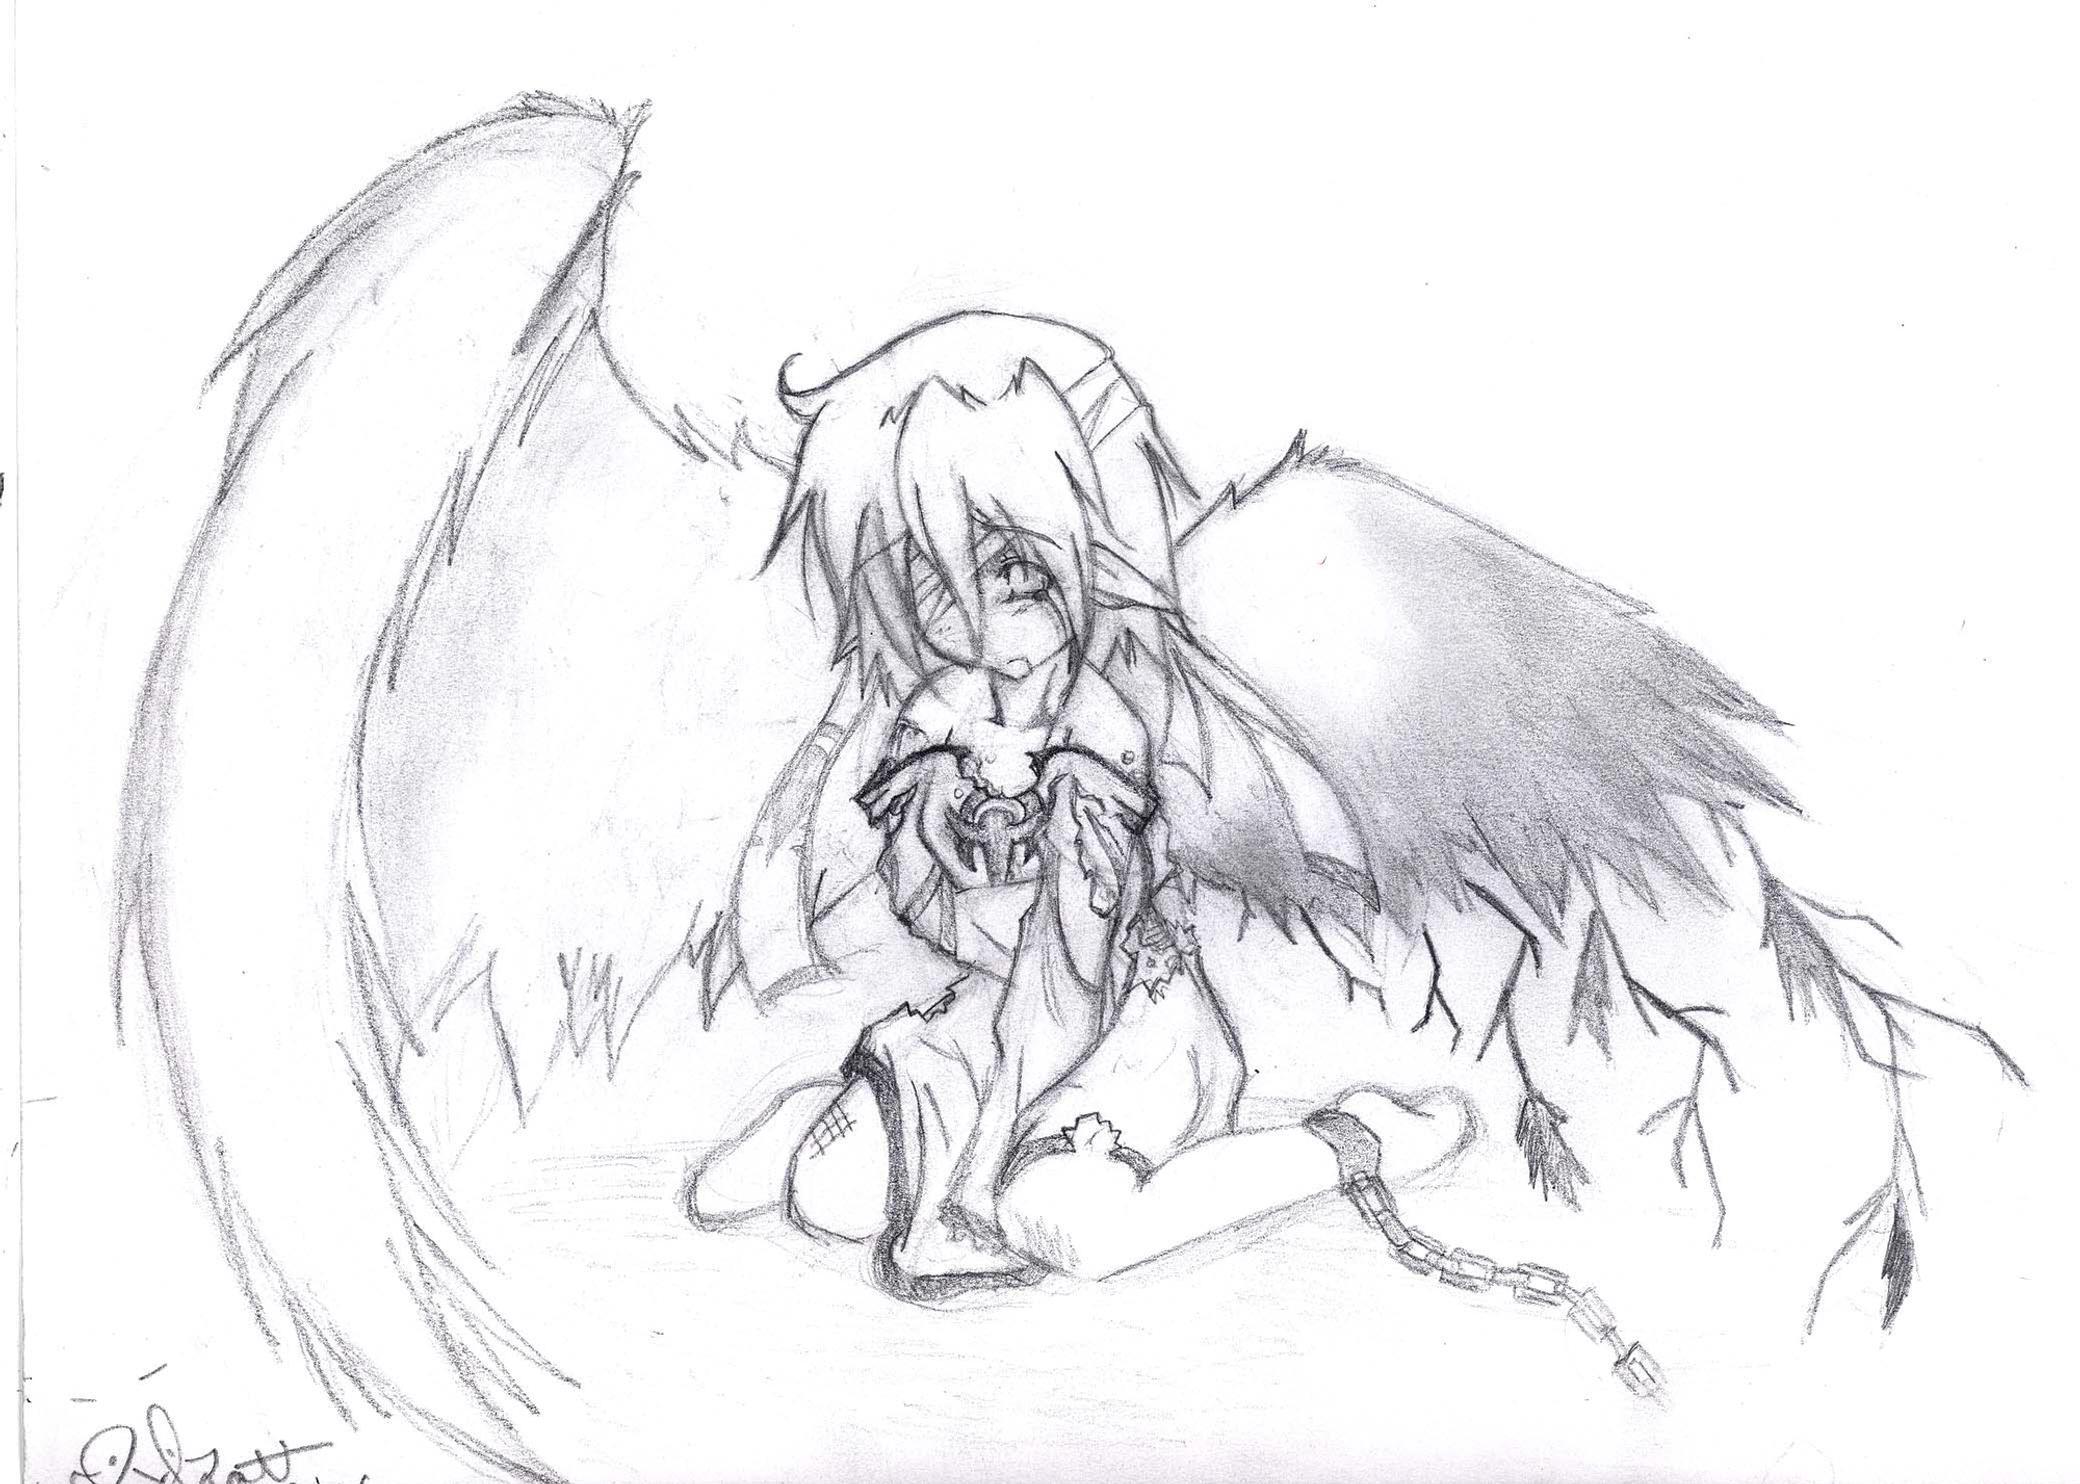 Fallen angel by otaku bunny on deviantart fallen angel by otaku bunny altavistaventures Image collections